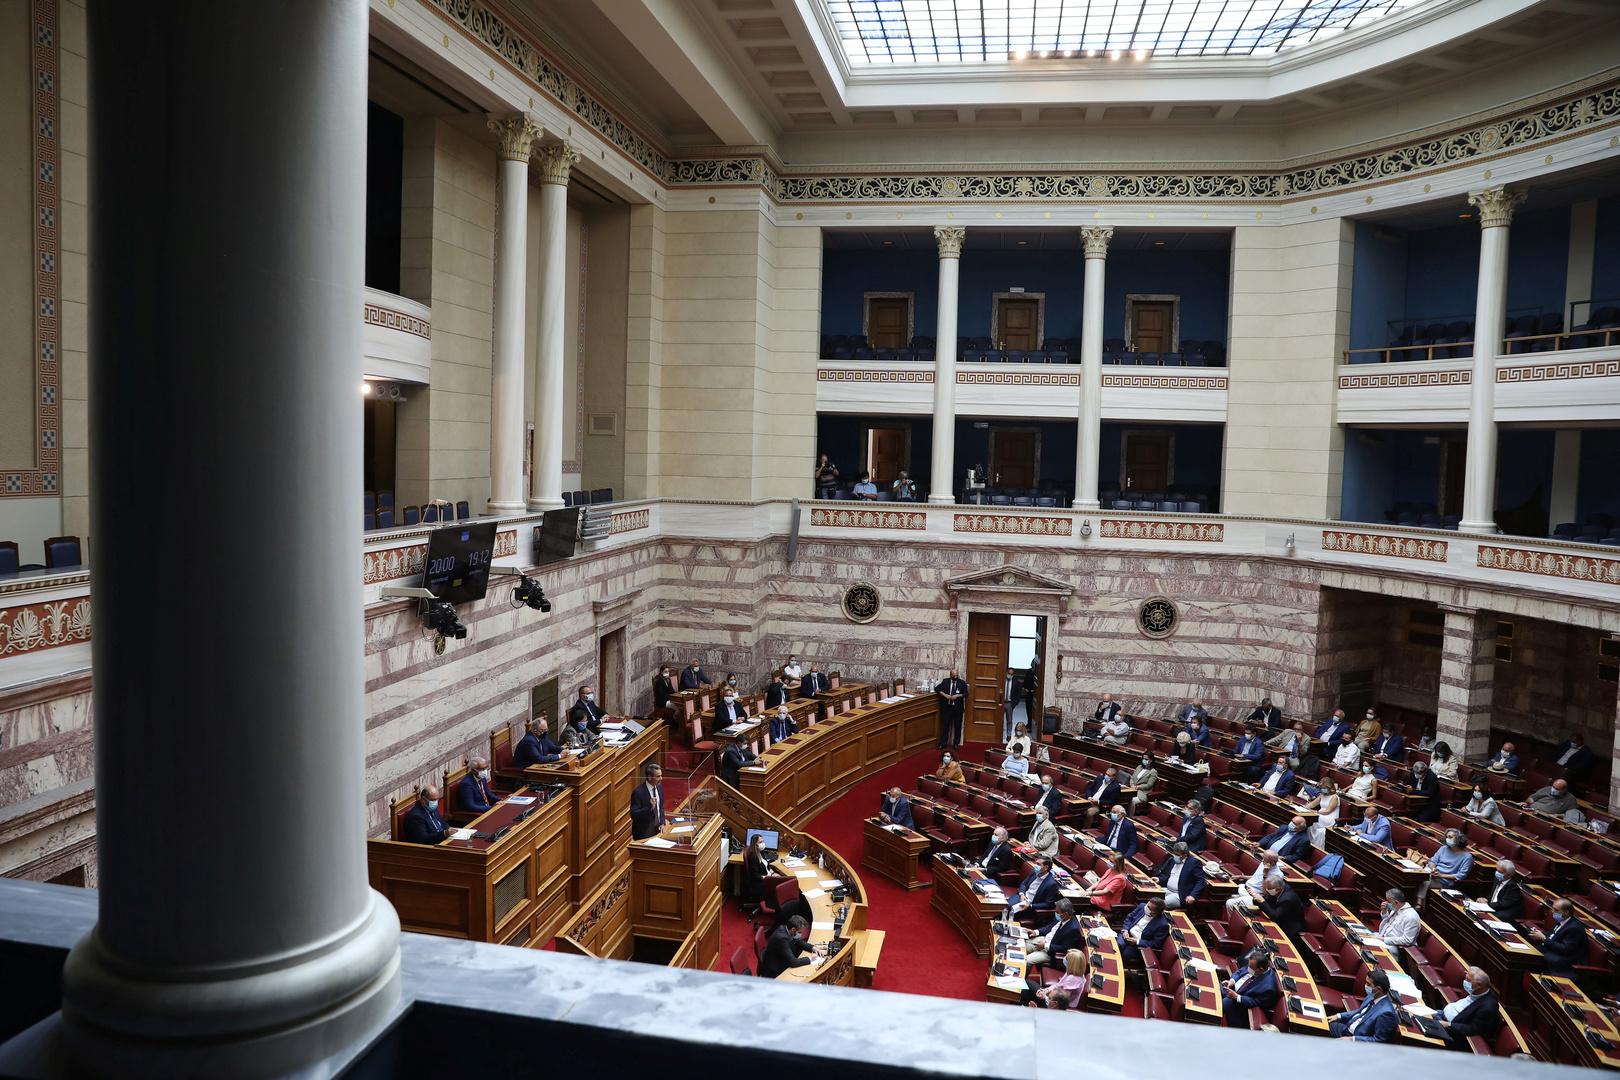 البرلمان اليوناني يصوت الخميس بشأن اتفاق ترسيم الحدود مع مصر وسط معارضة تركيا